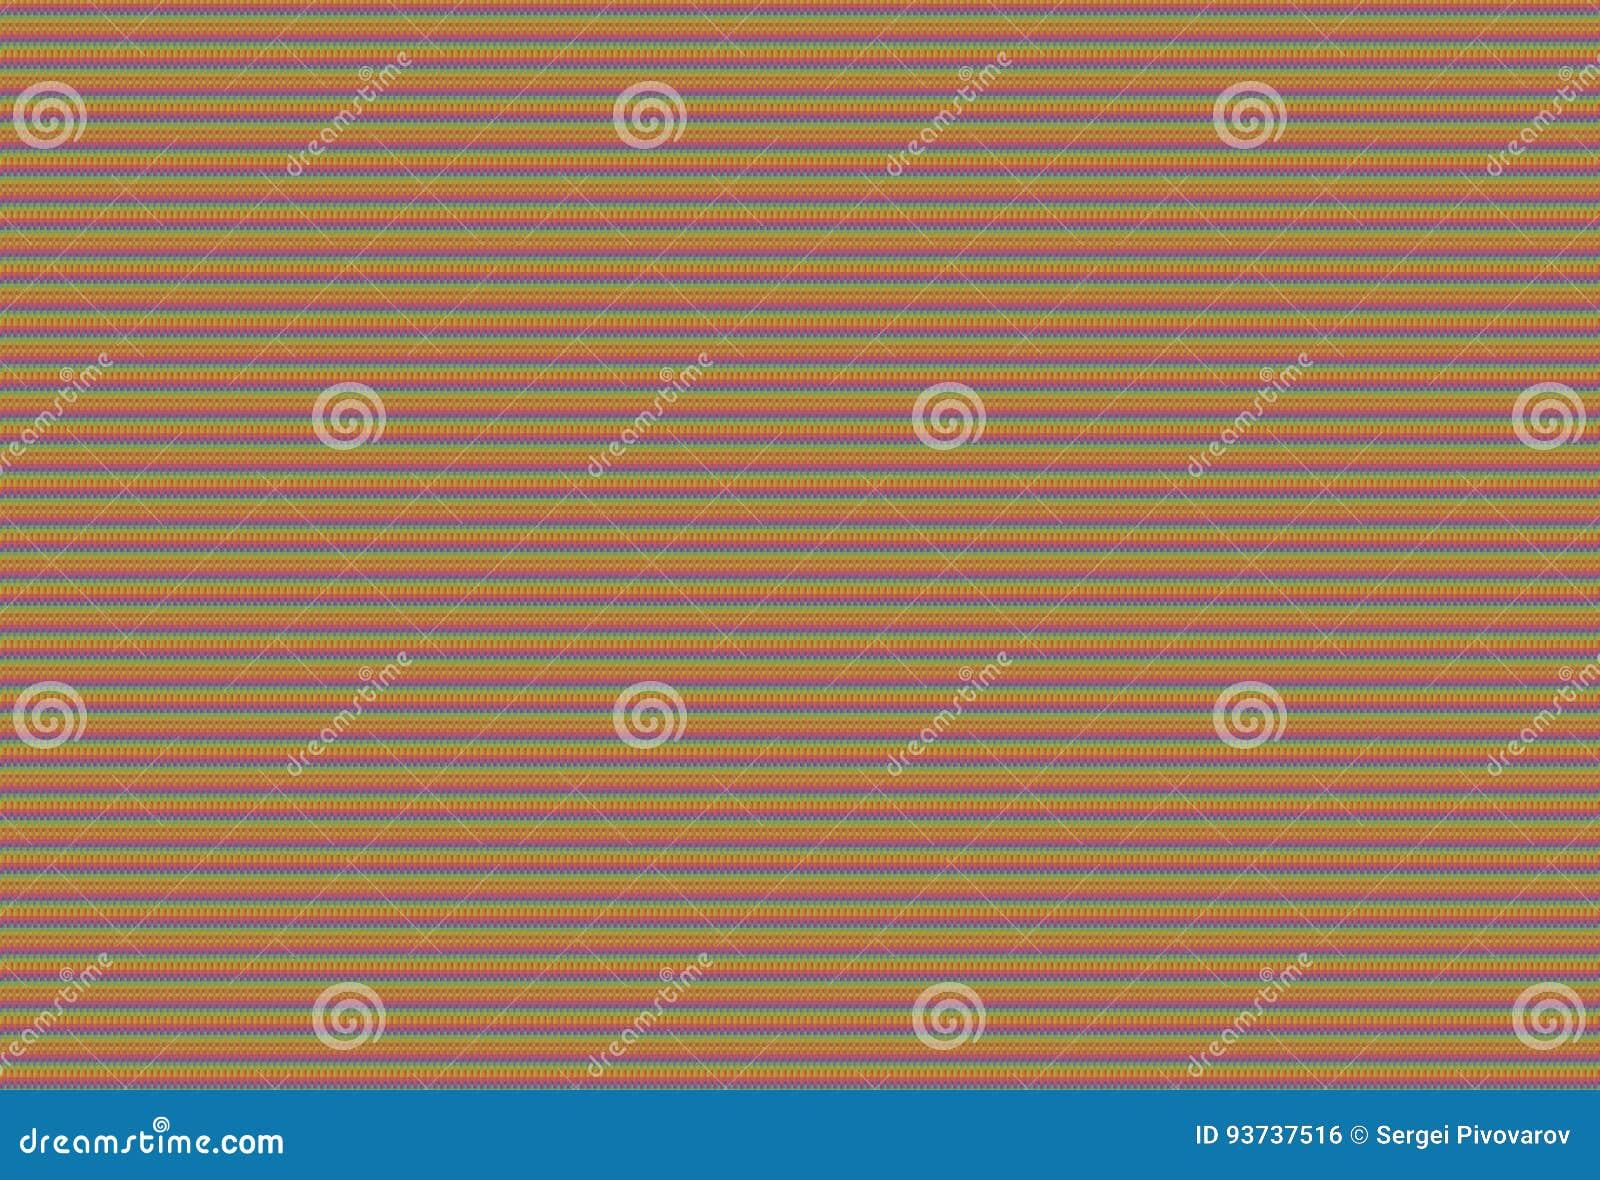 La textura hizo punto la lona colorida serie infinita arco iris-coloreada los pequeños cuadrados